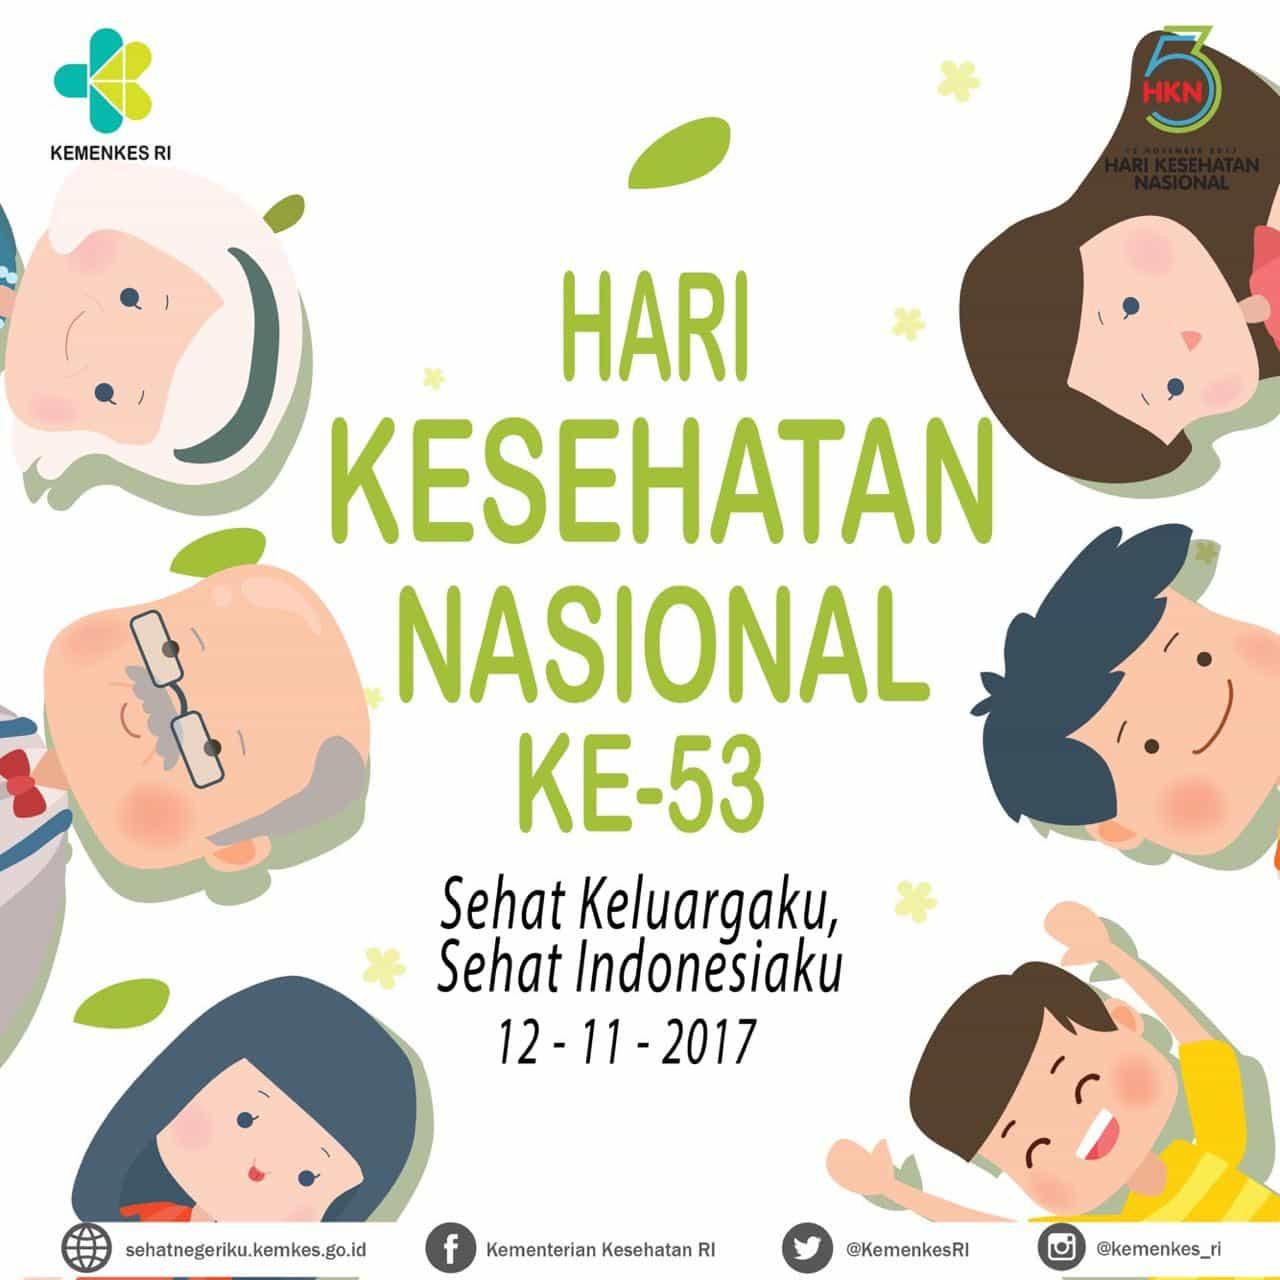 Selamat Hari Kesehatan Nasional (HKN) ke-53: Sehat Keluargaku, Sehat Indonesiaku